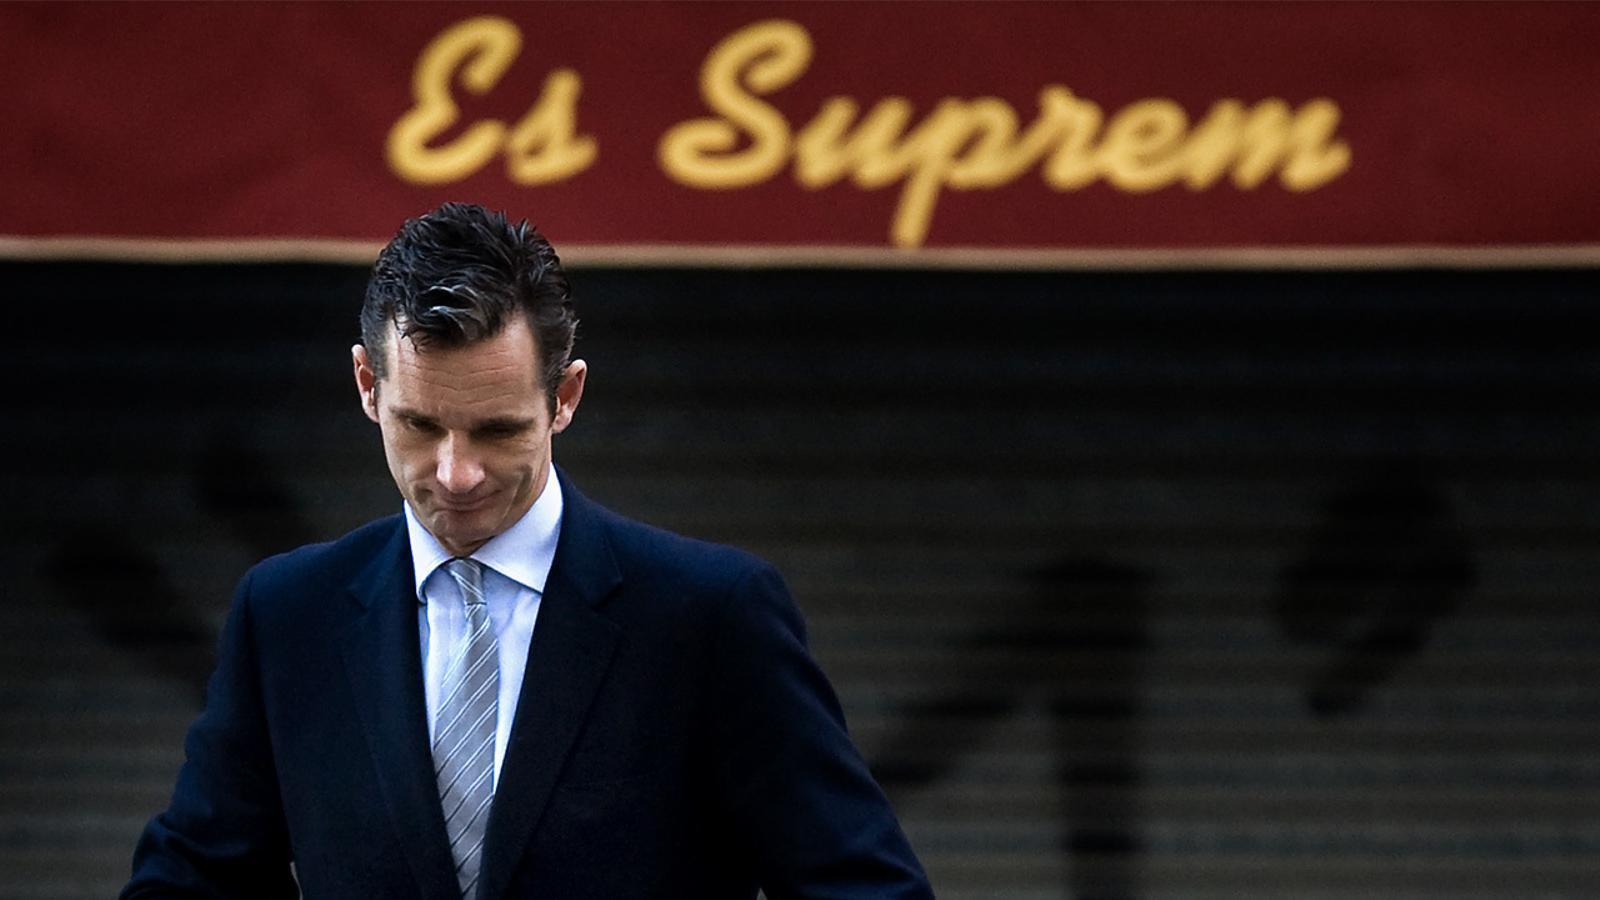 L'anàlisi d'Antoni Bassas: 'Urdangarin a la presó, condemna per a la monarquia'